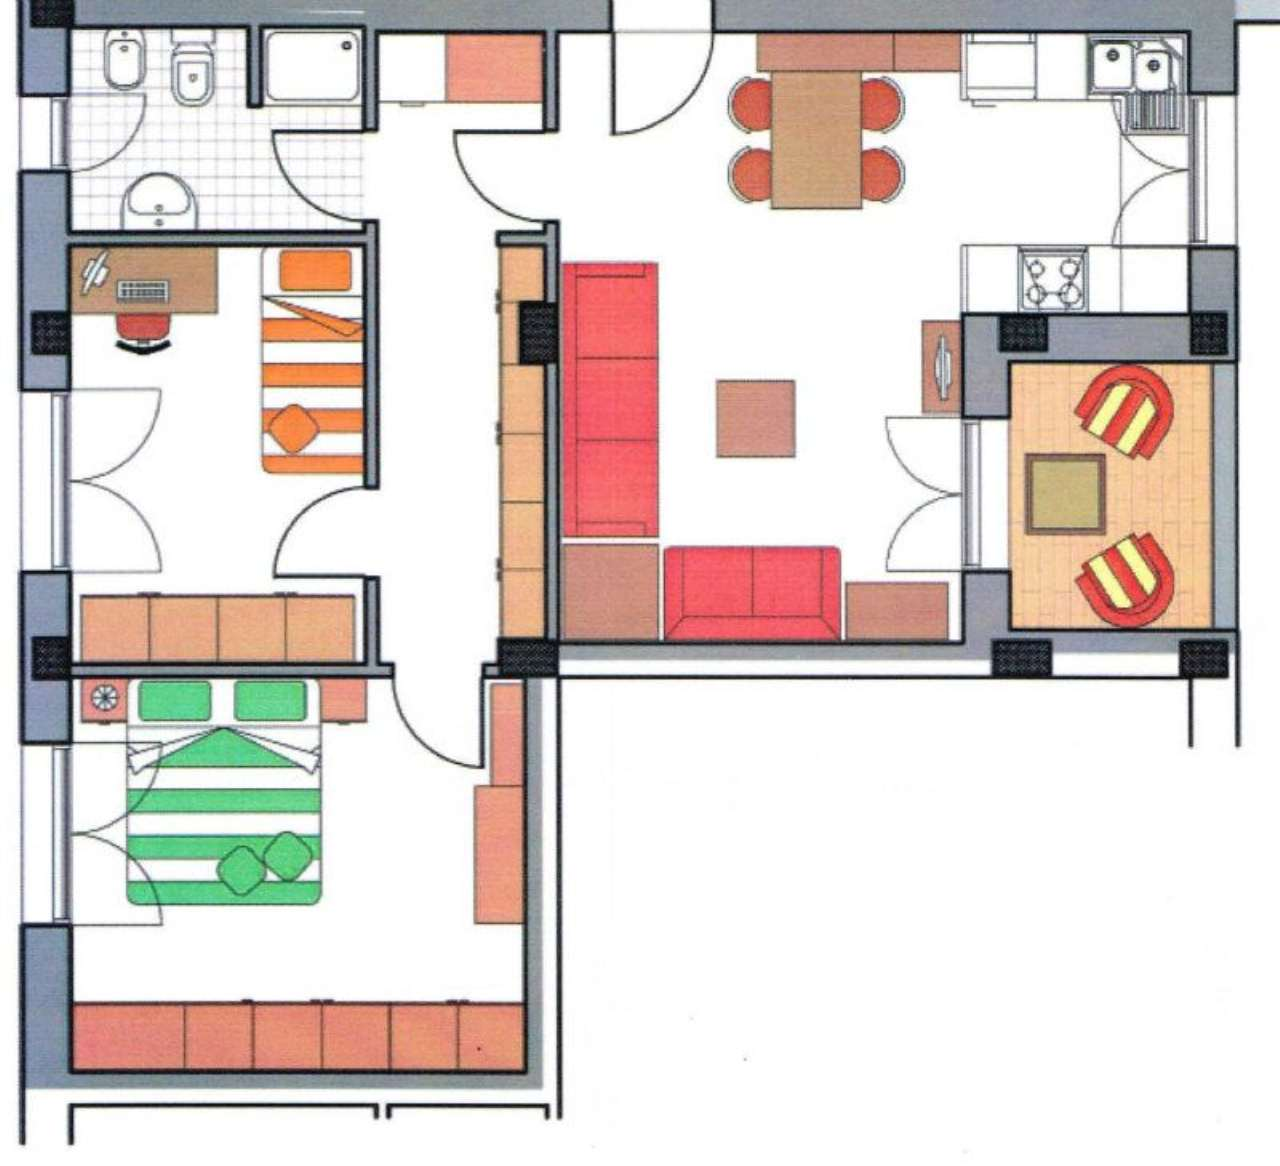 Appartamento in vendita a San Giovanni in Persiceto, 3 locali, prezzo € 150.000 | Cambio Casa.it